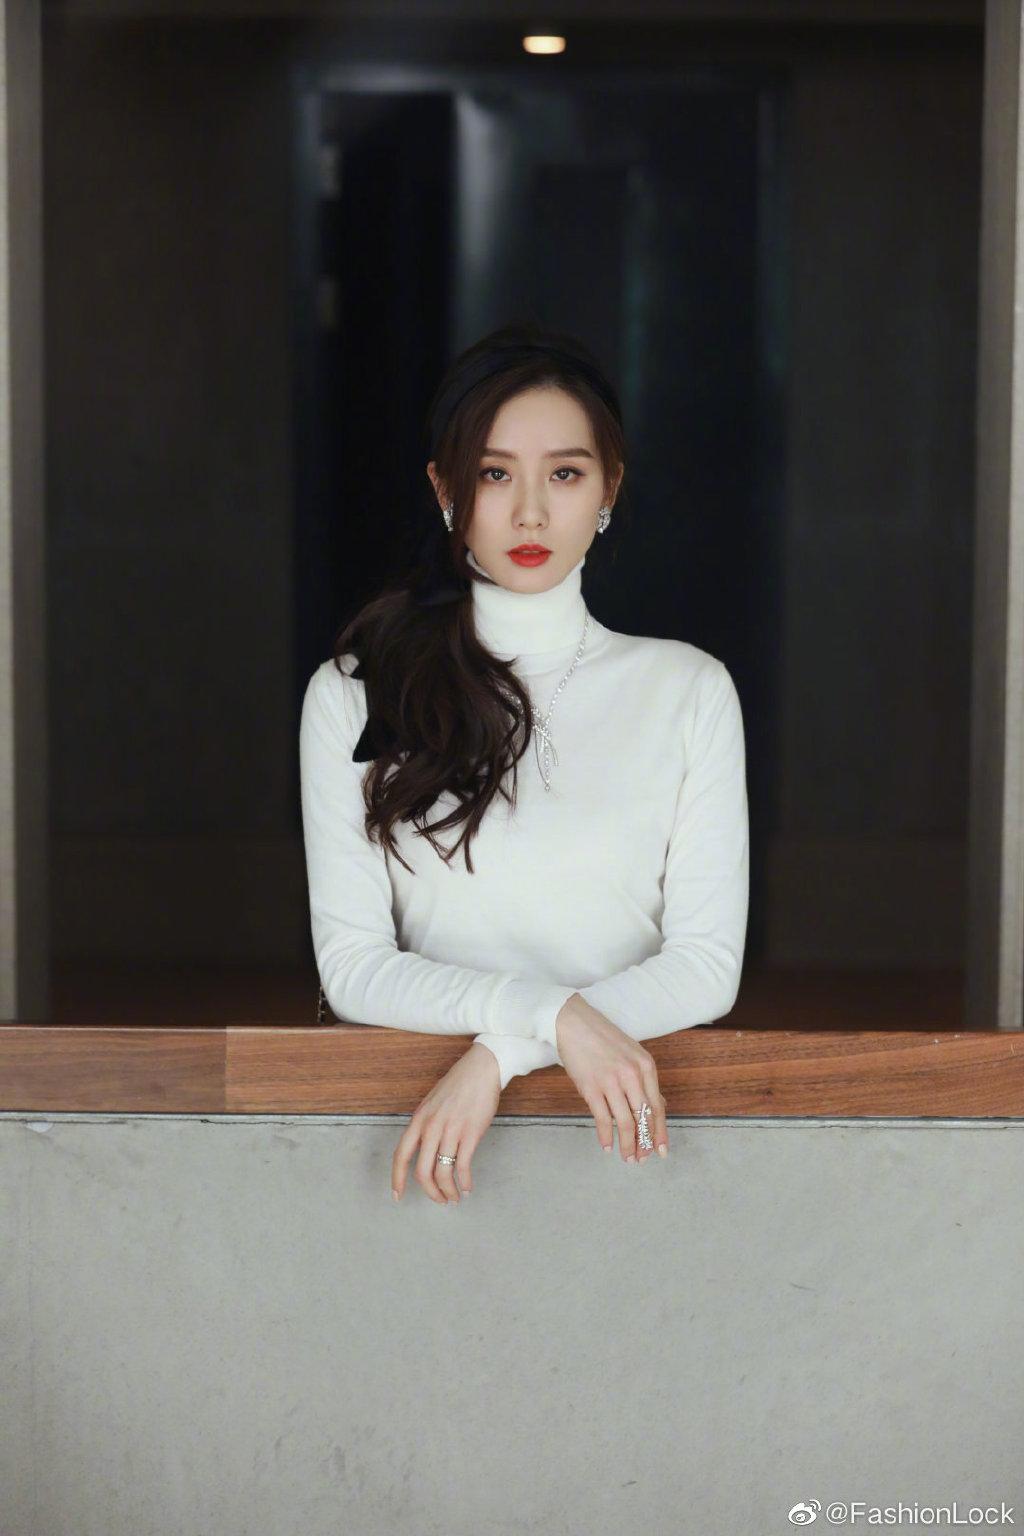 Dàn sao Hoa ngữ tụ hội trong sự kiện của Vogue Film: Dương Mịch, Lưu Thi Thi vượt mặt 'Nữ thần Kim ưng' Tống Thiến 4